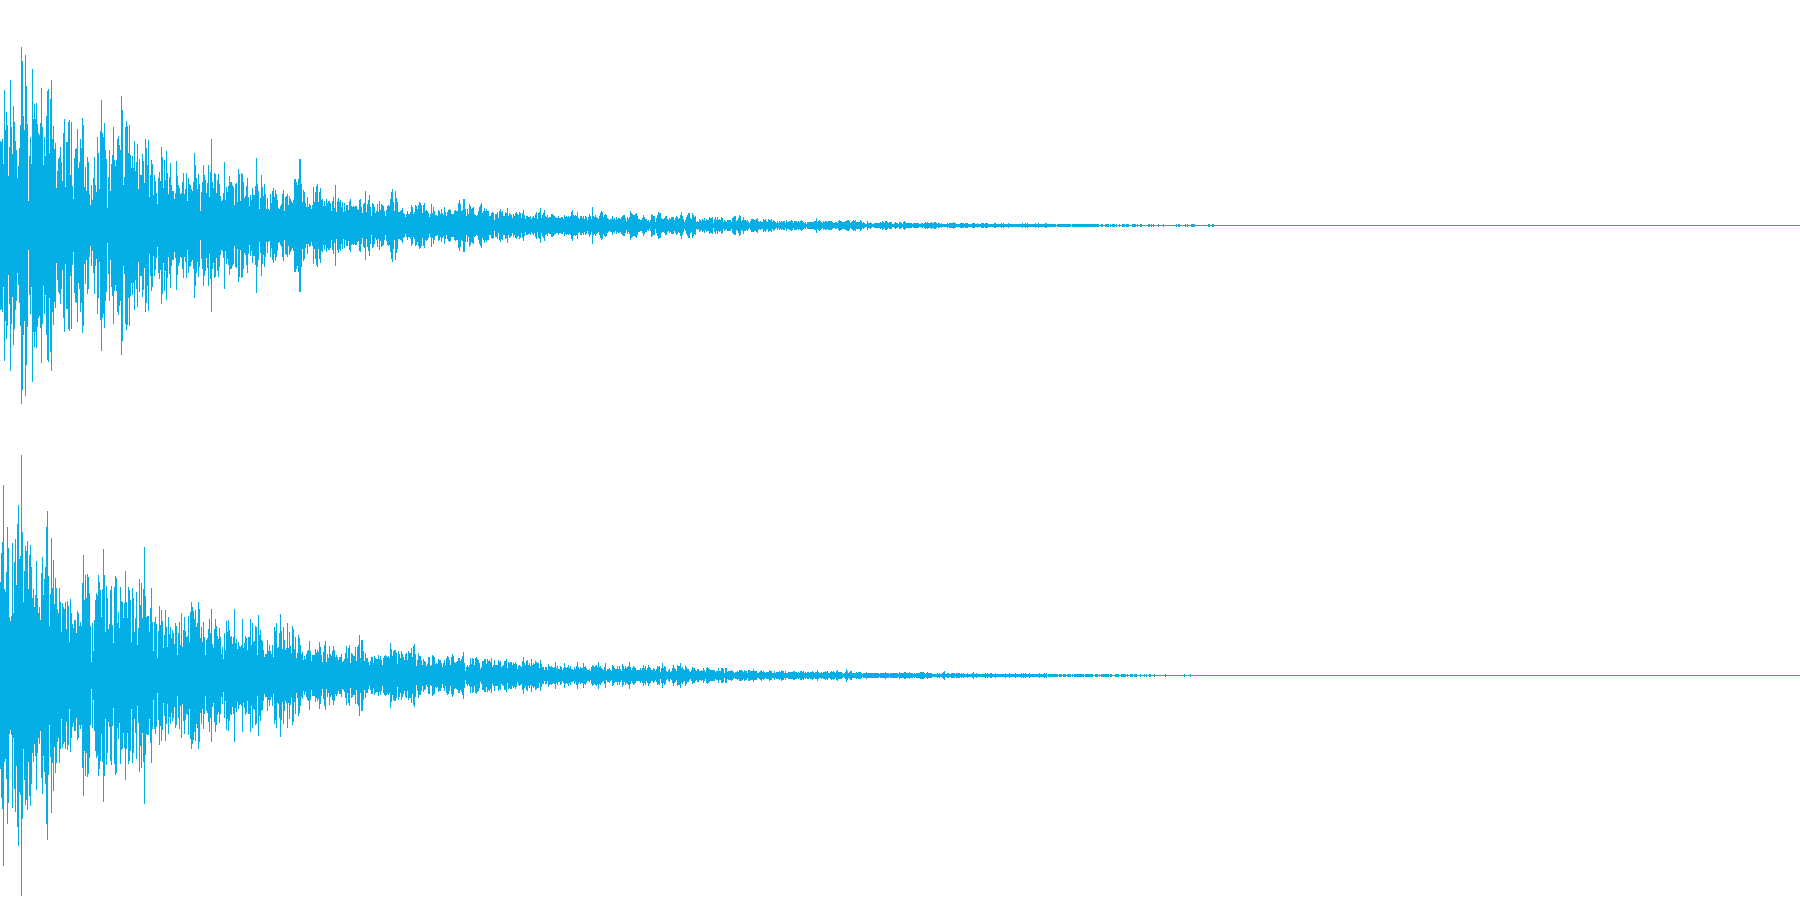 【ゲーム】ヒット_04 ダンッッッ!!の再生済みの波形